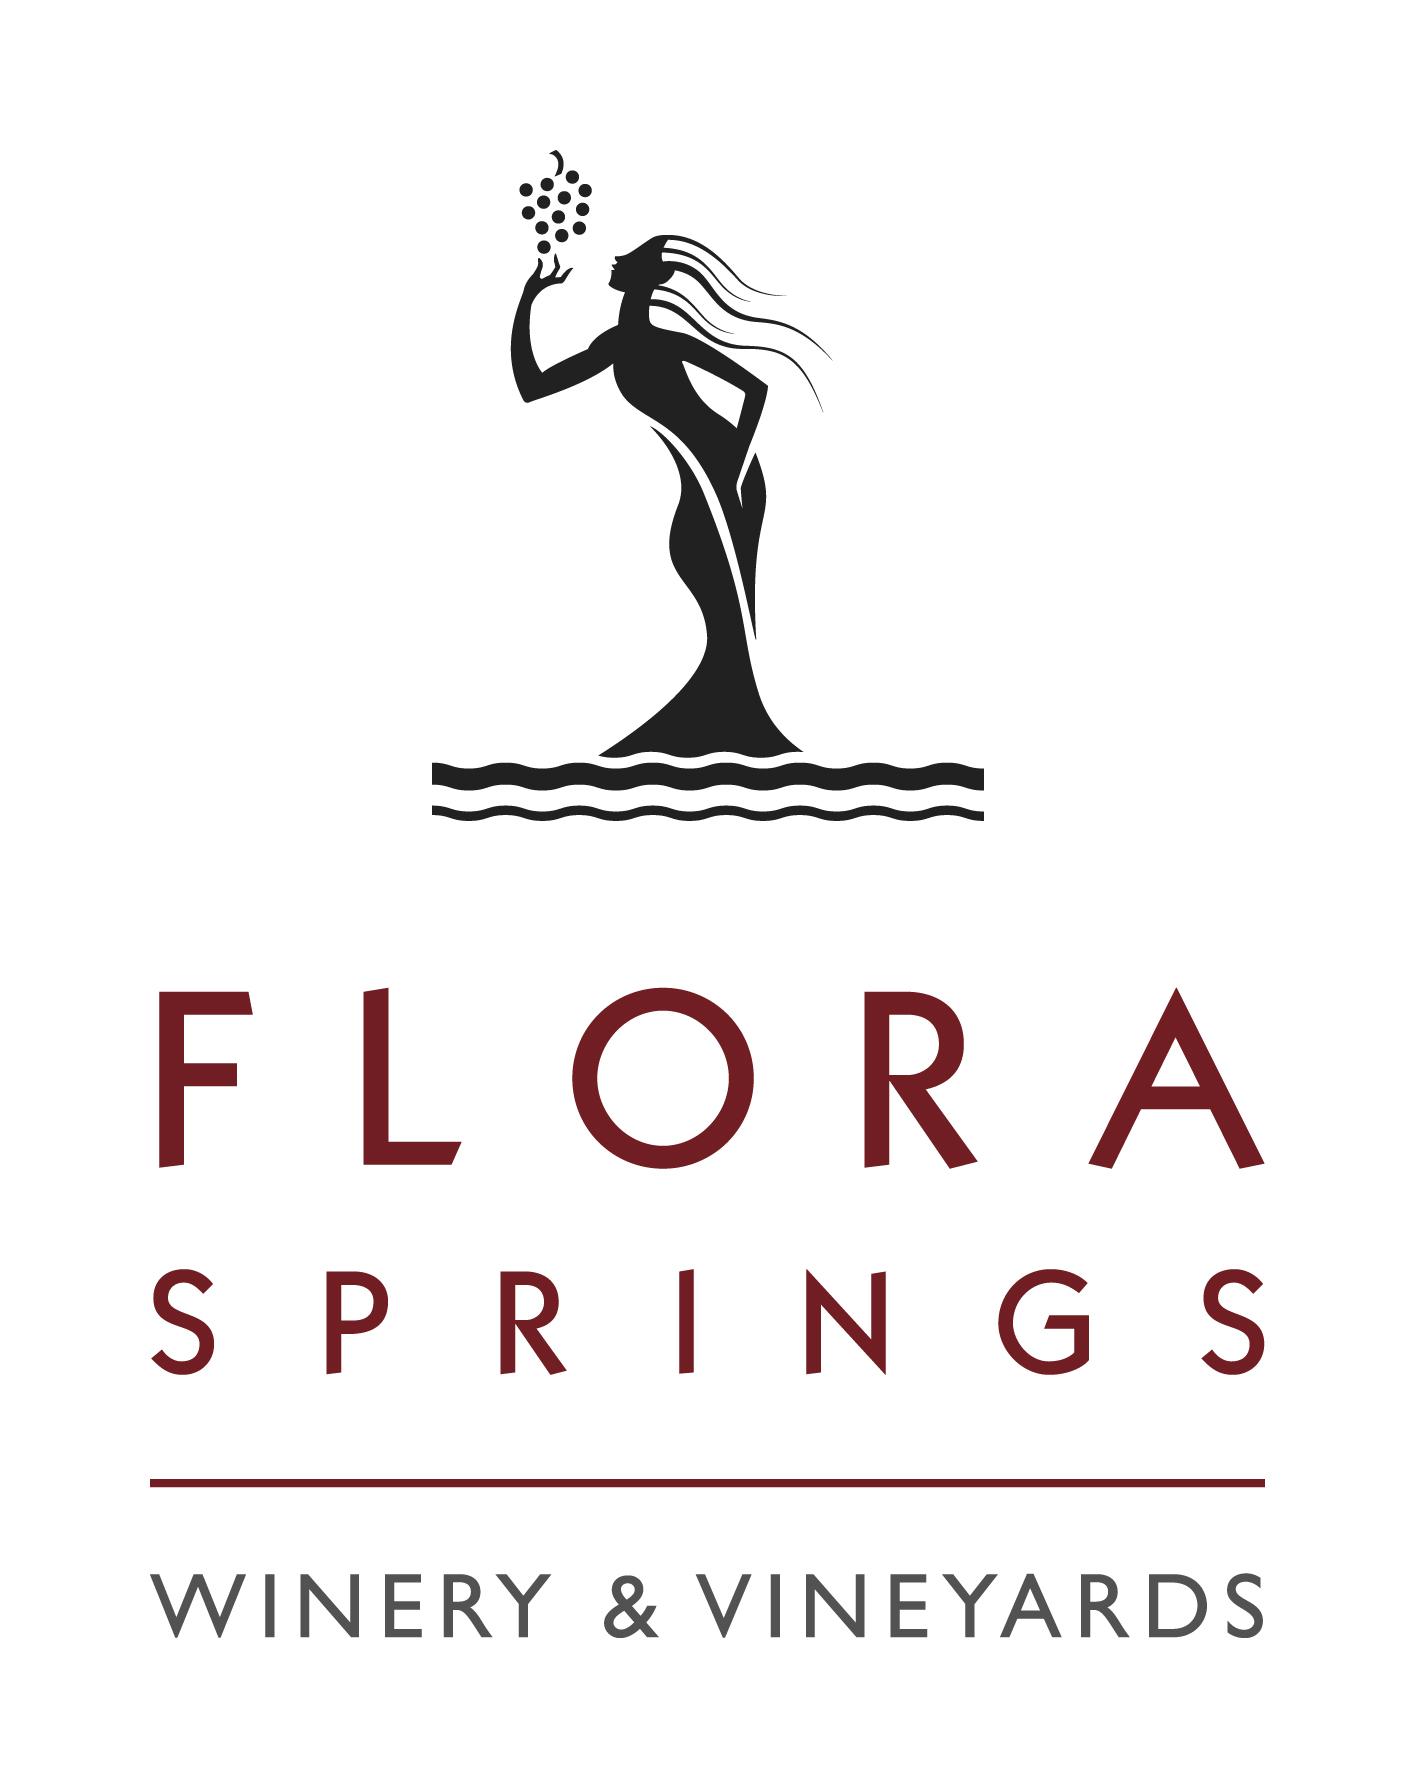 Flora Springs Winery